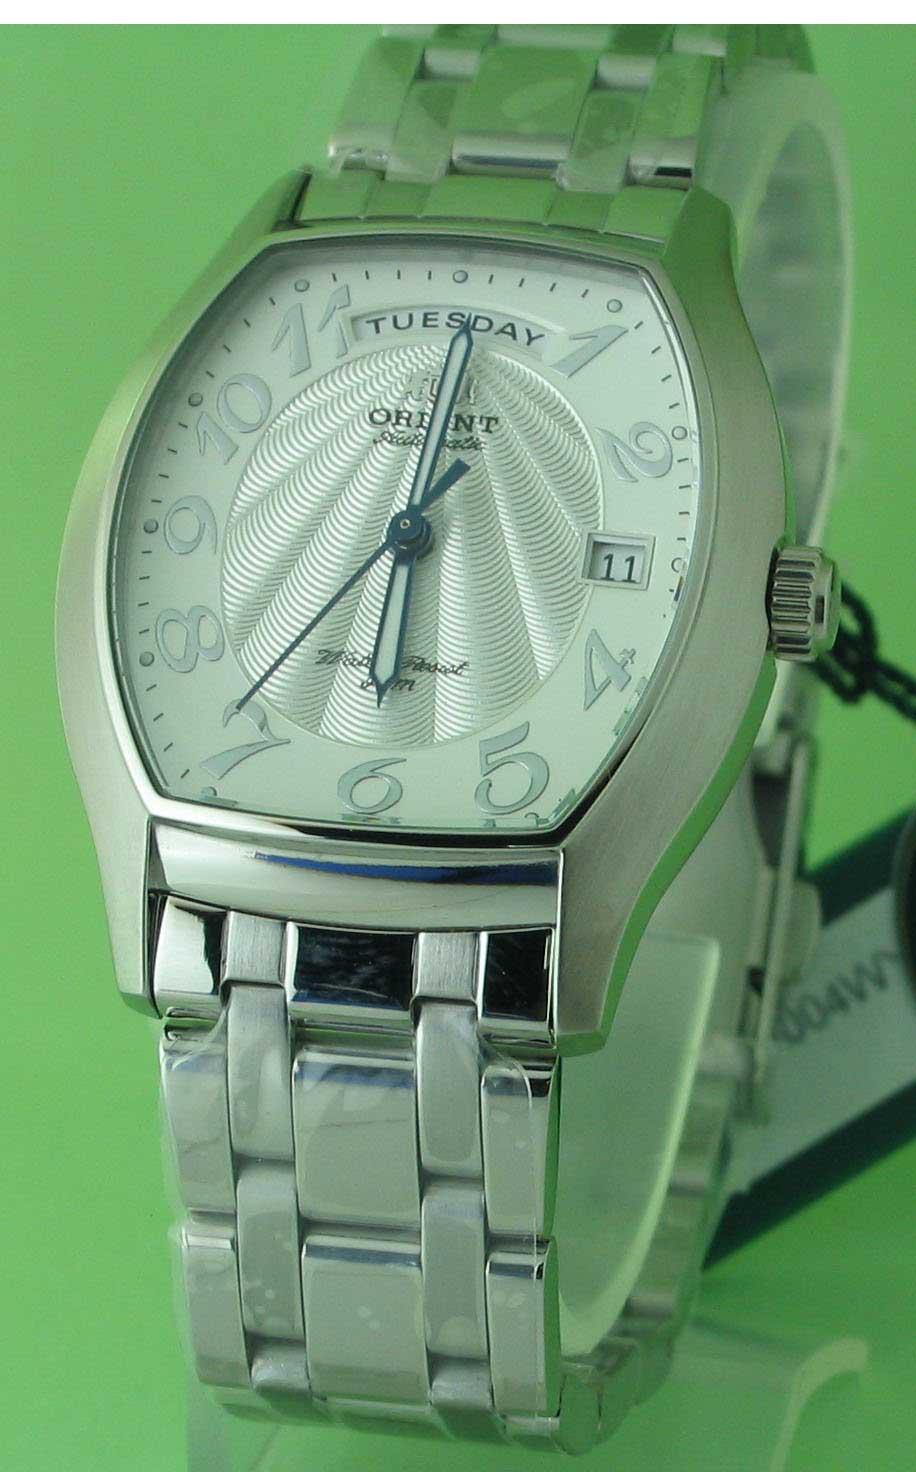 นาฬิกาออโต้รุ่นใหม่จากญี่ปุ่นรูปแบบนาฬิกาswiss